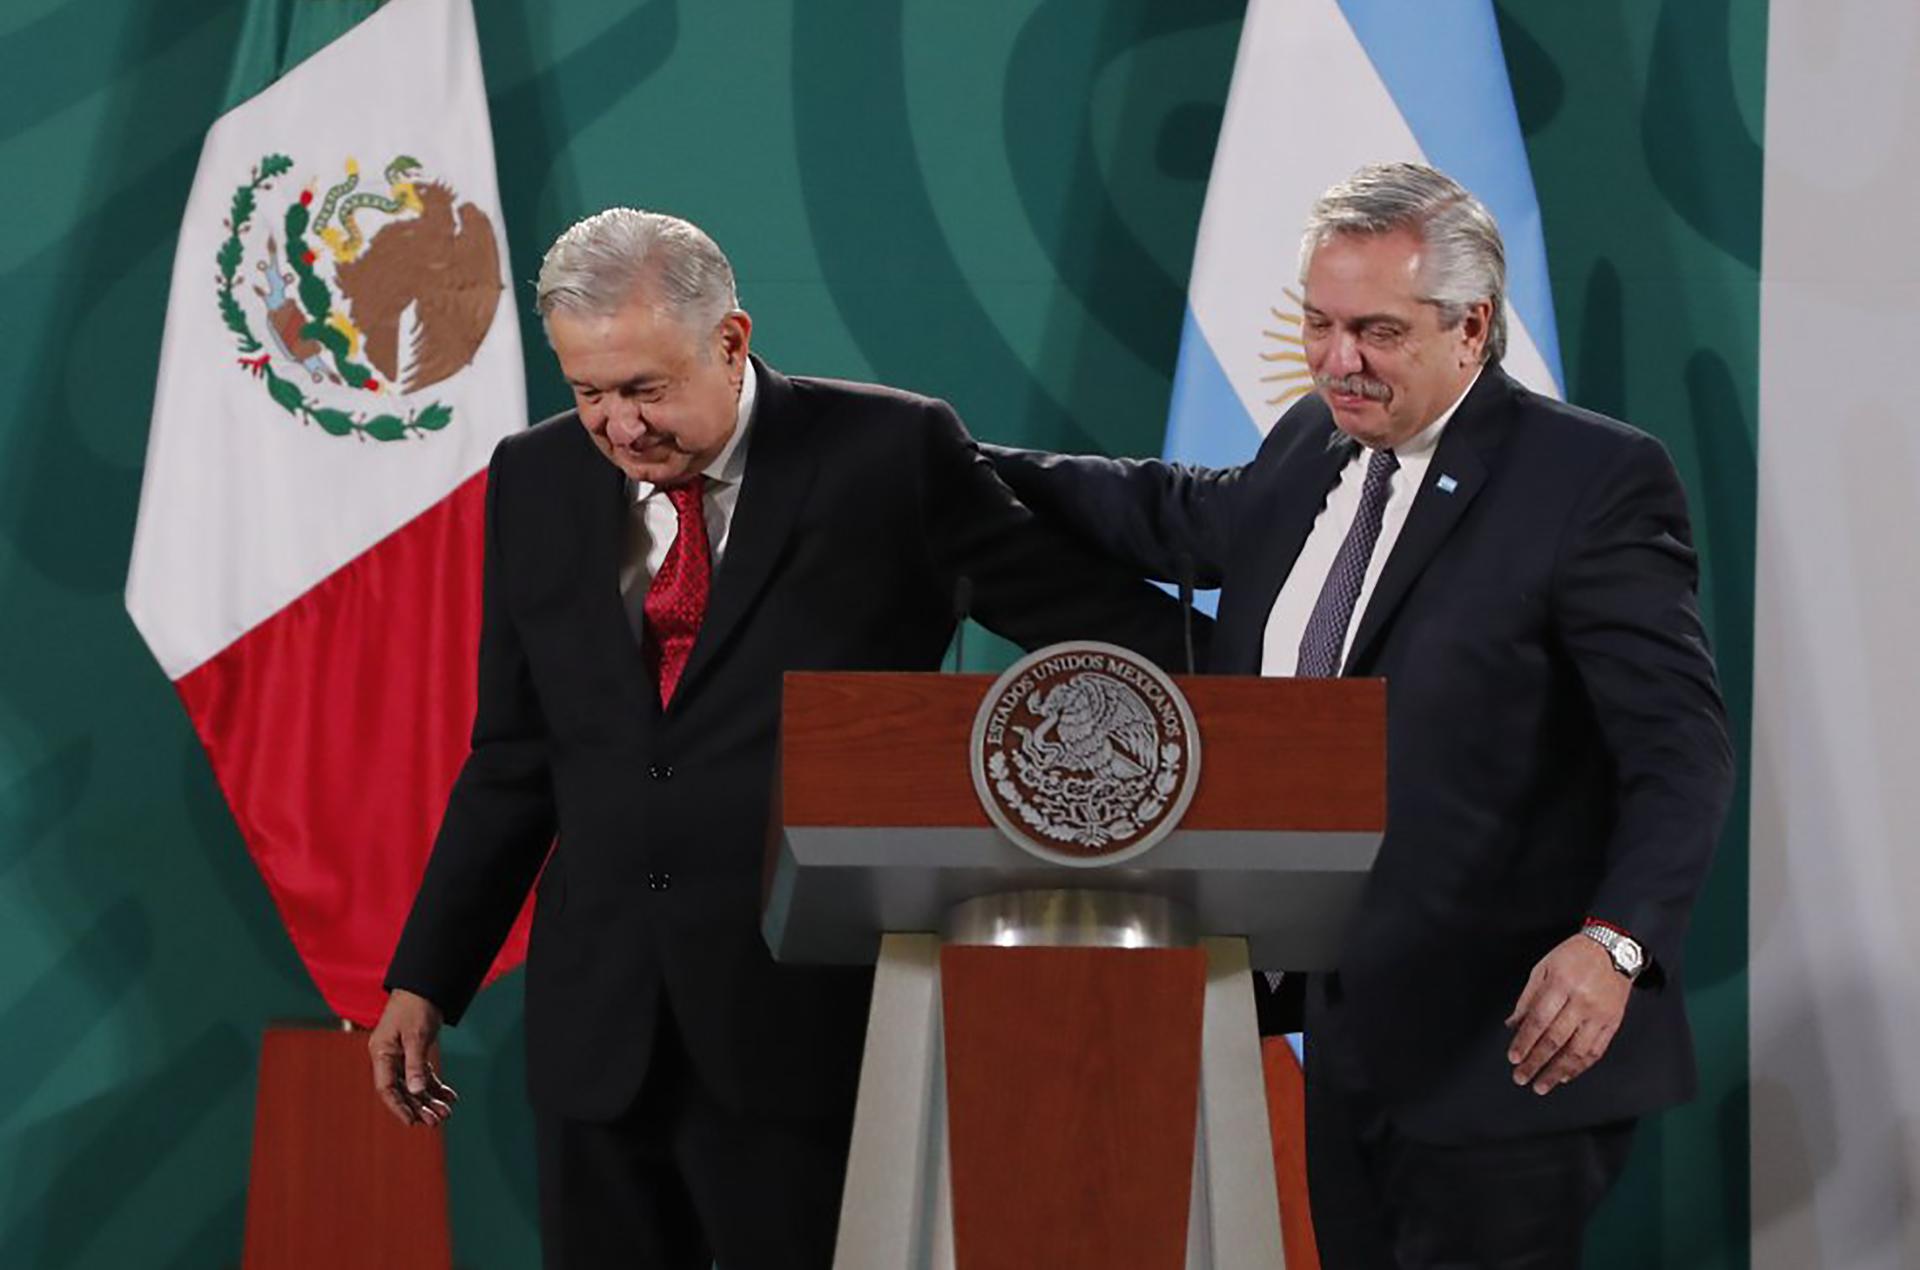 El Presidente de Argentina visitó México-image3